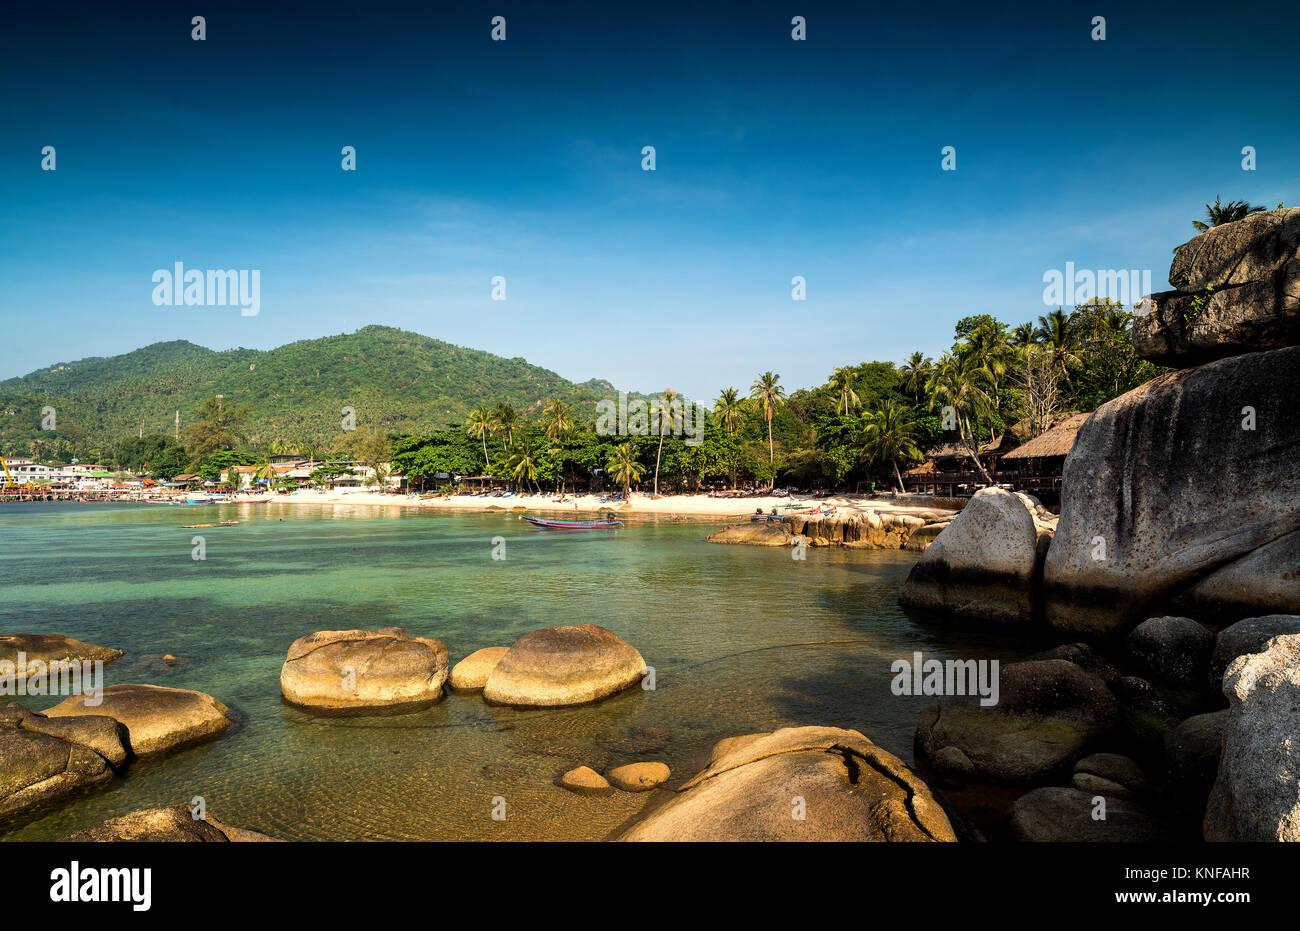 Île tropicale.. L'île de Ko Tao, Thaïlande Photo Stock